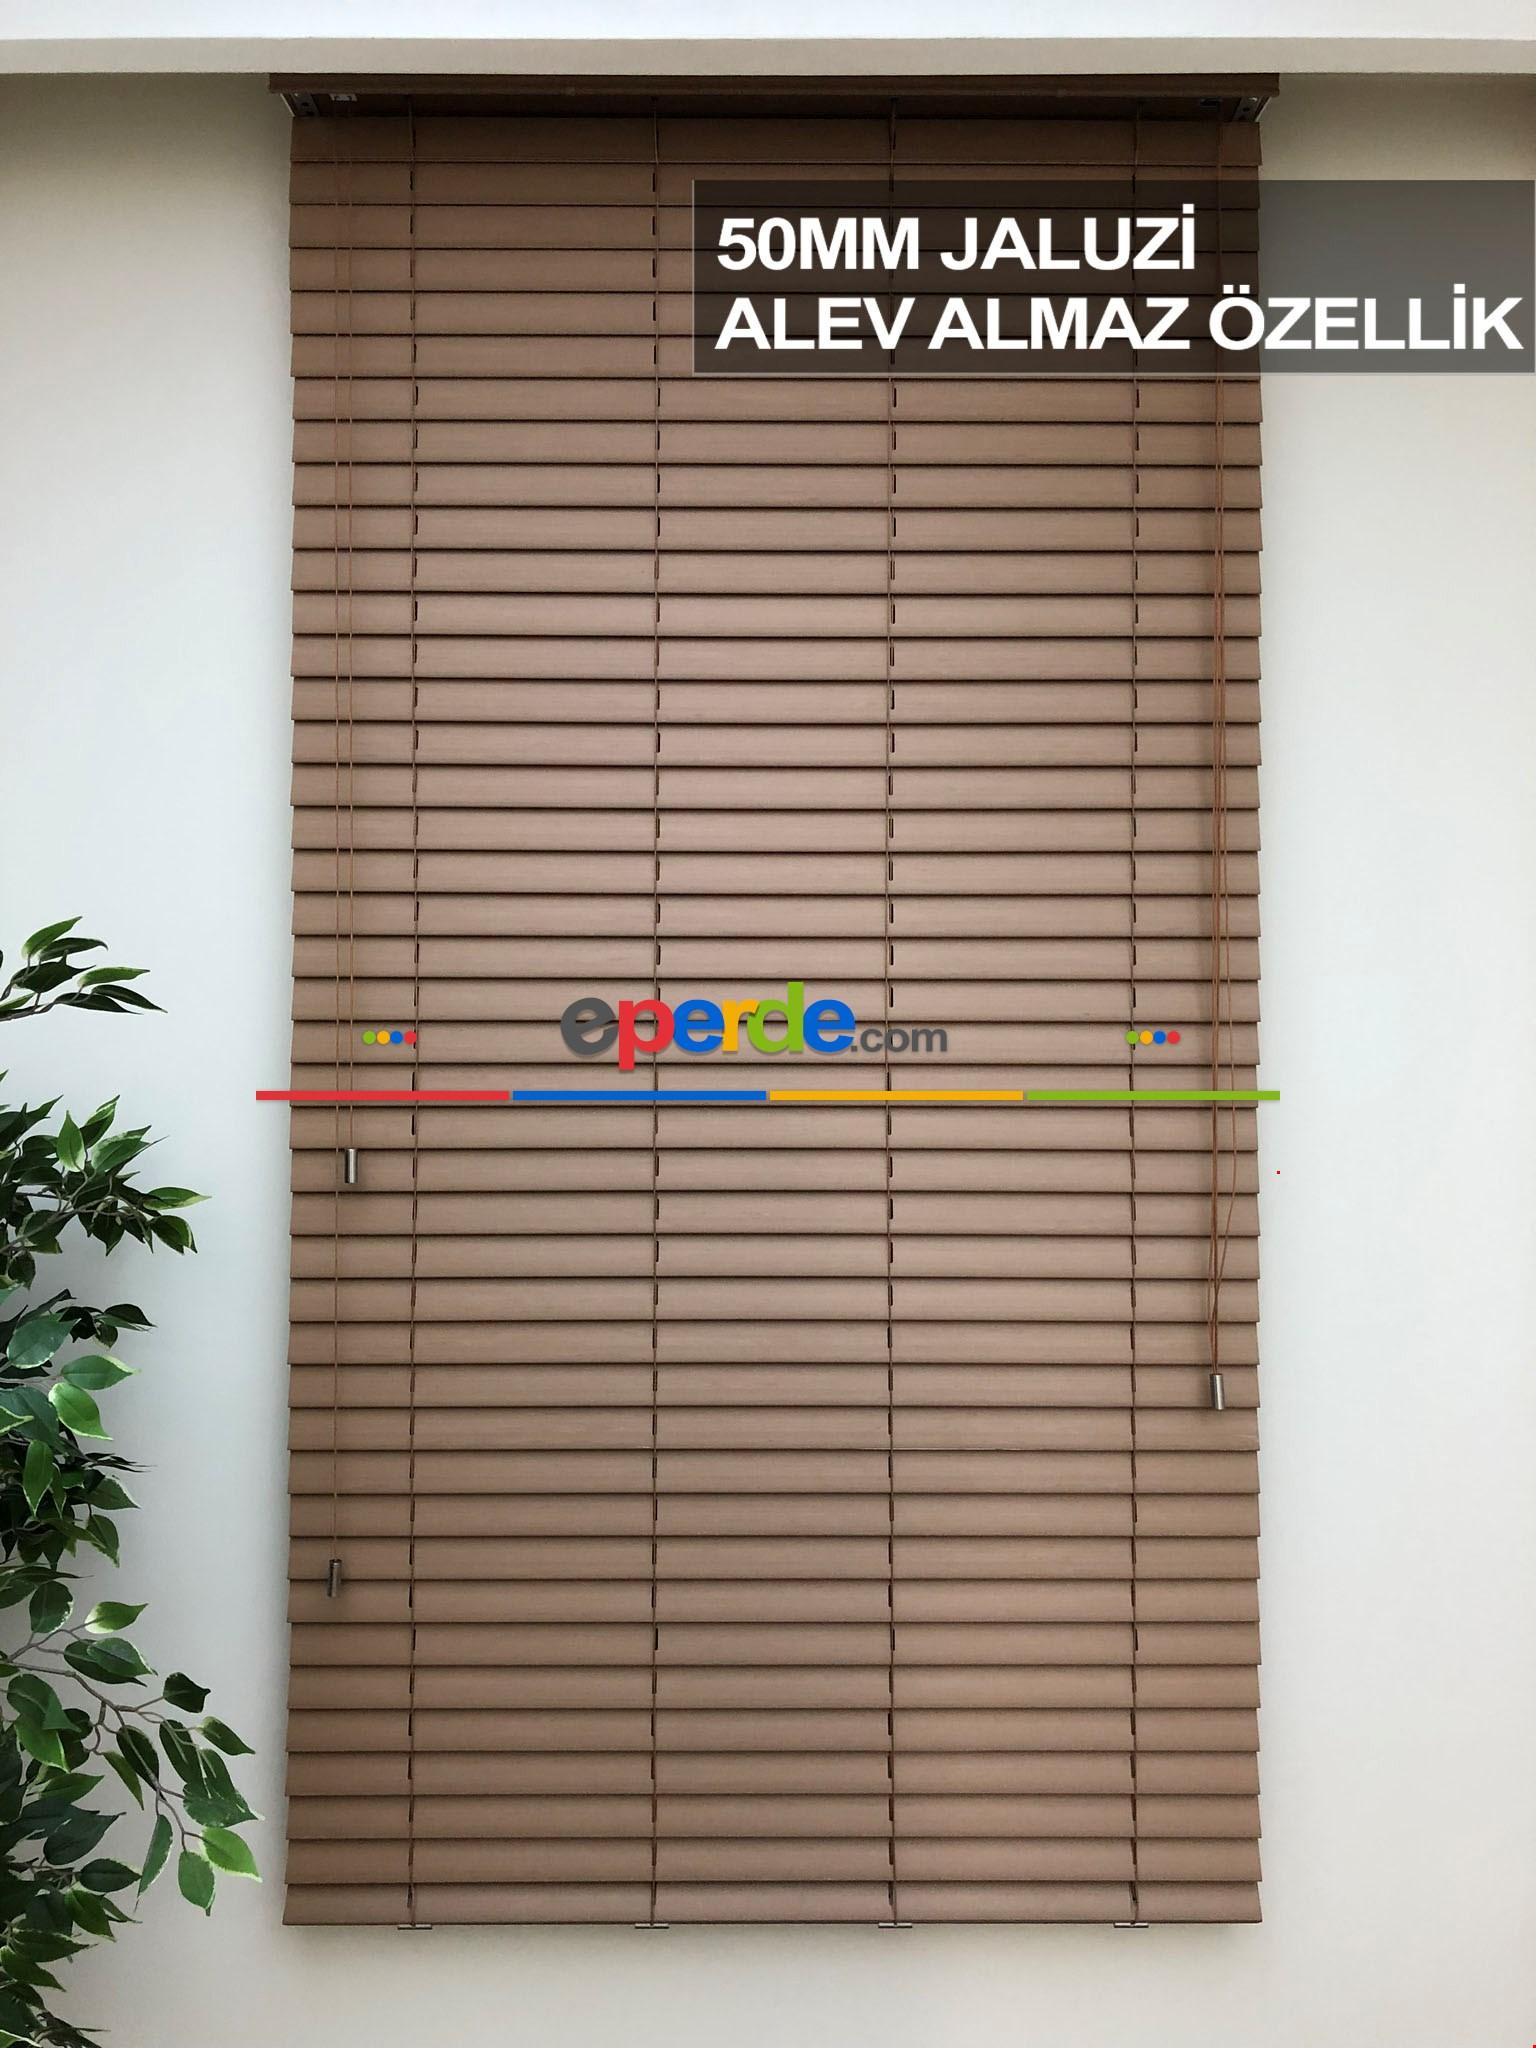 50mm Ahşap Efektli Jaluzi Perde Alev Almaz Özellik